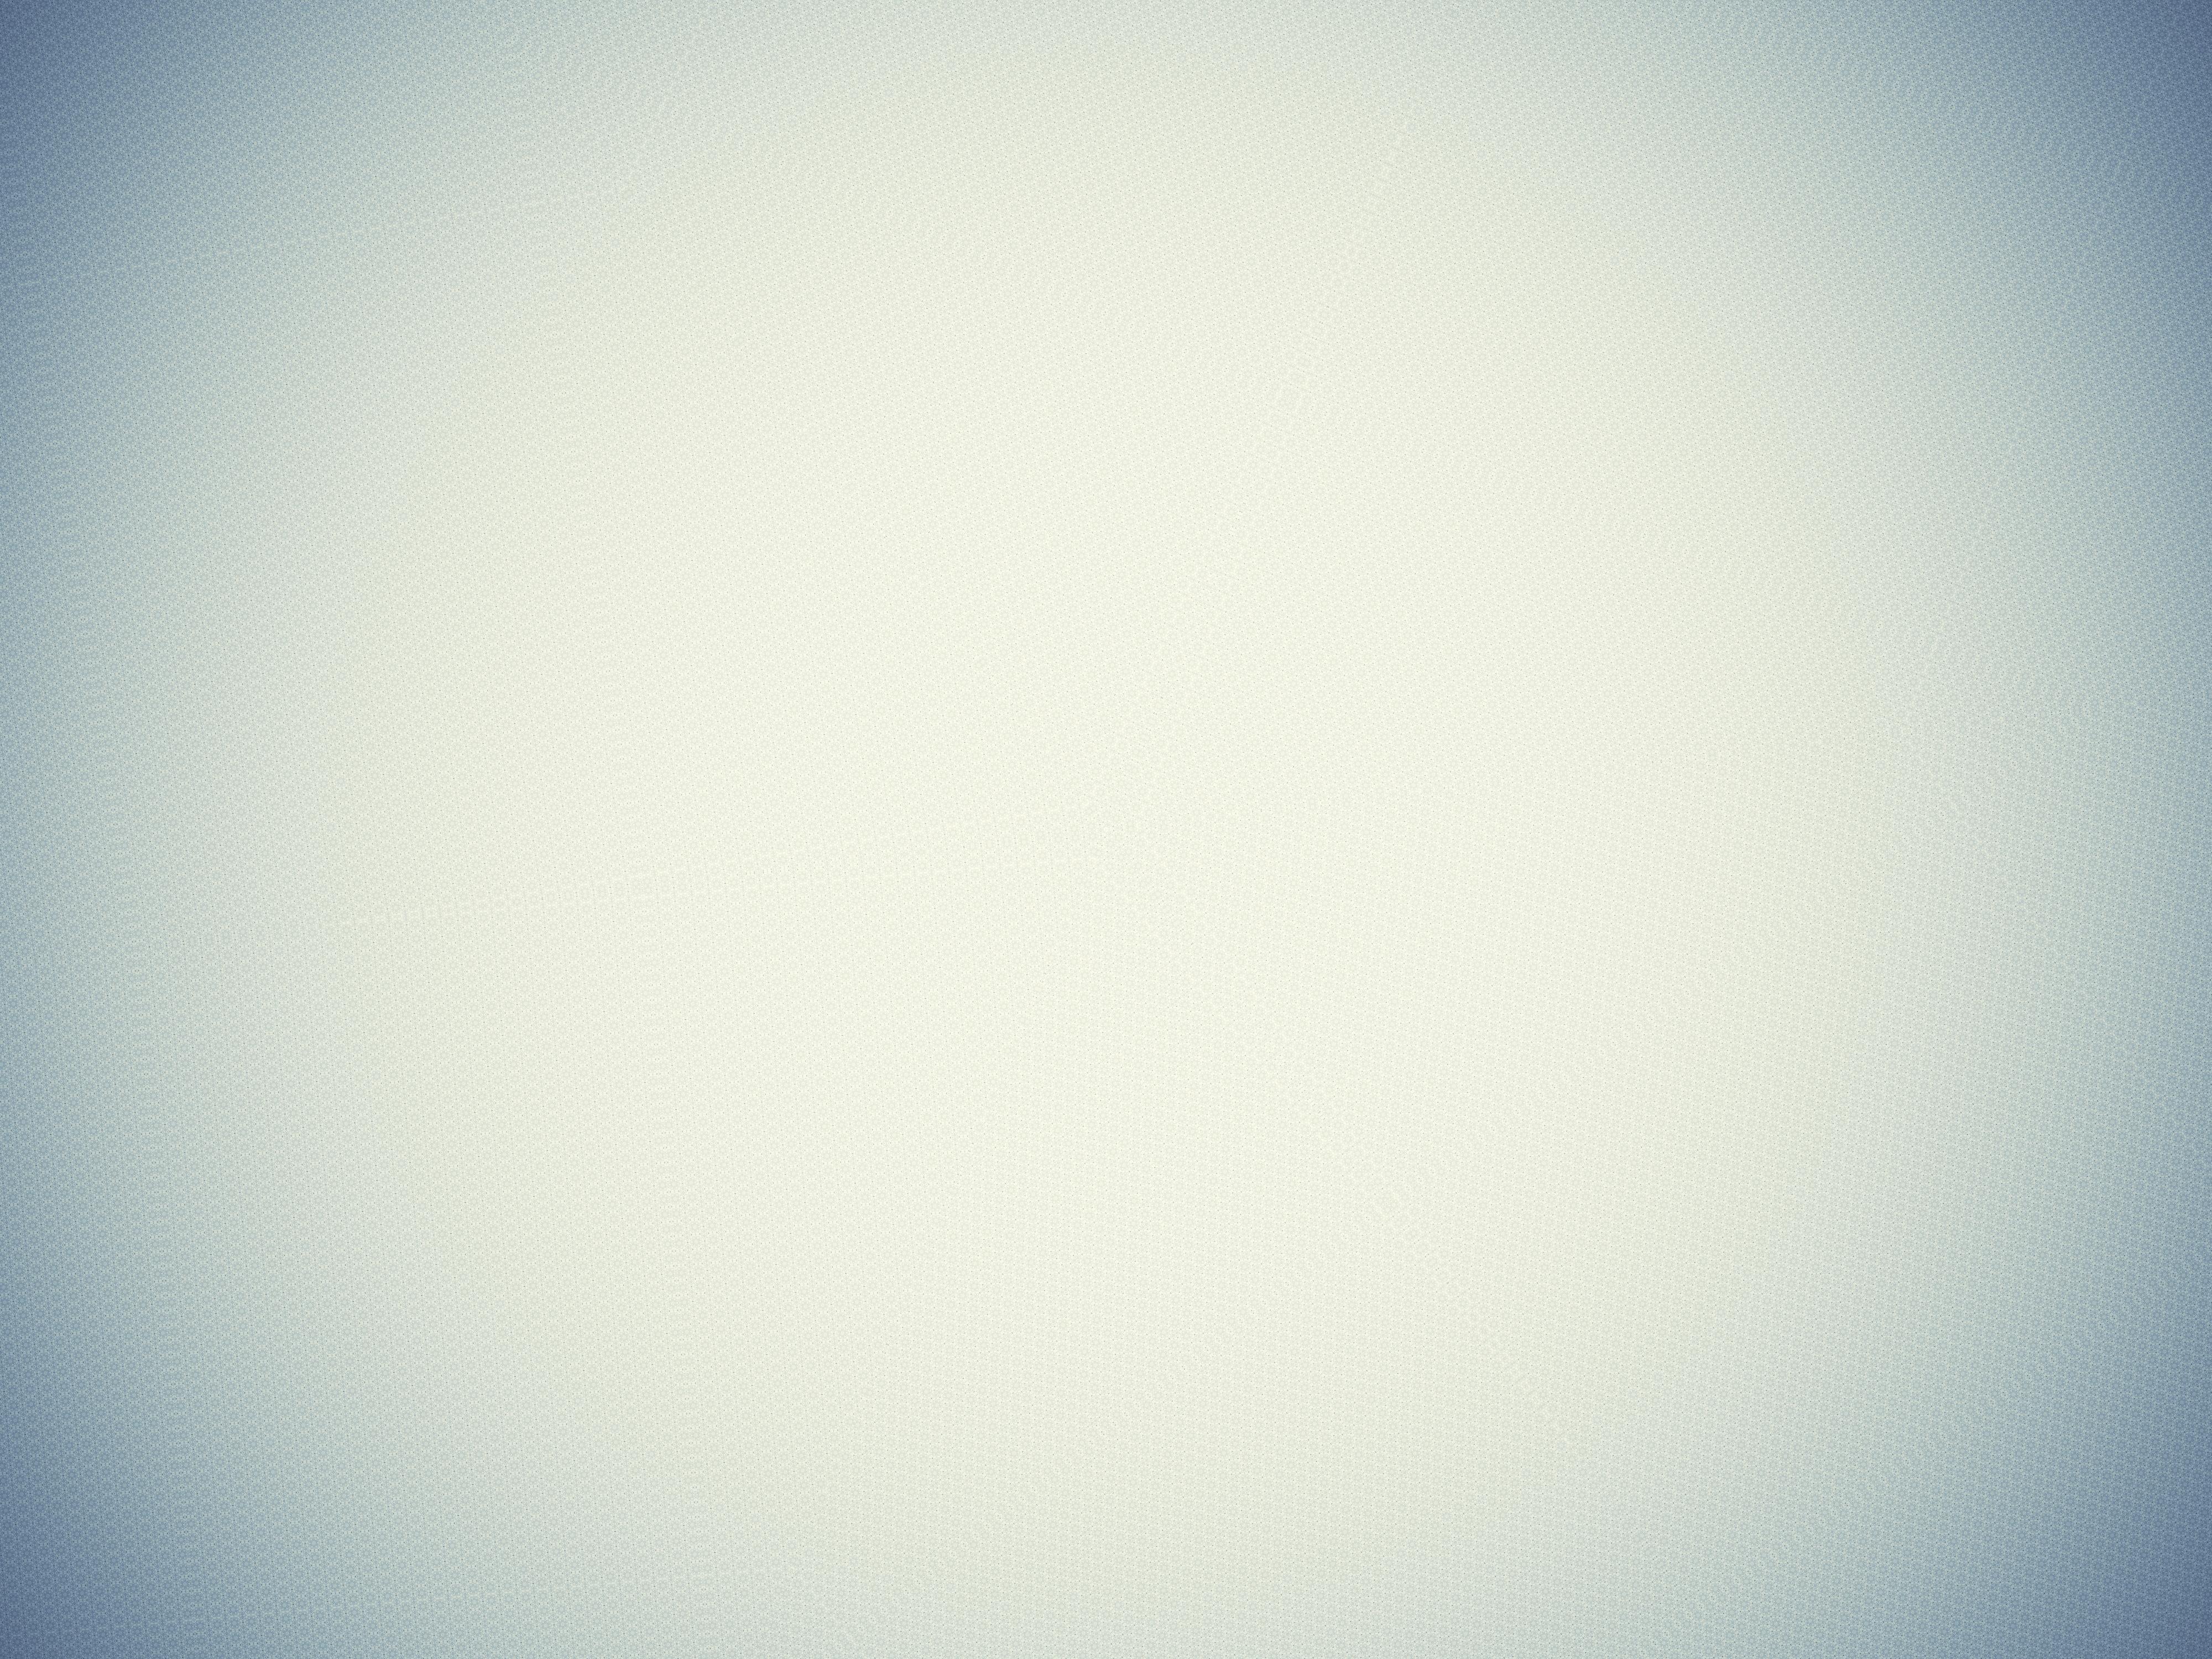 Как на фото сделать чисто белый фон